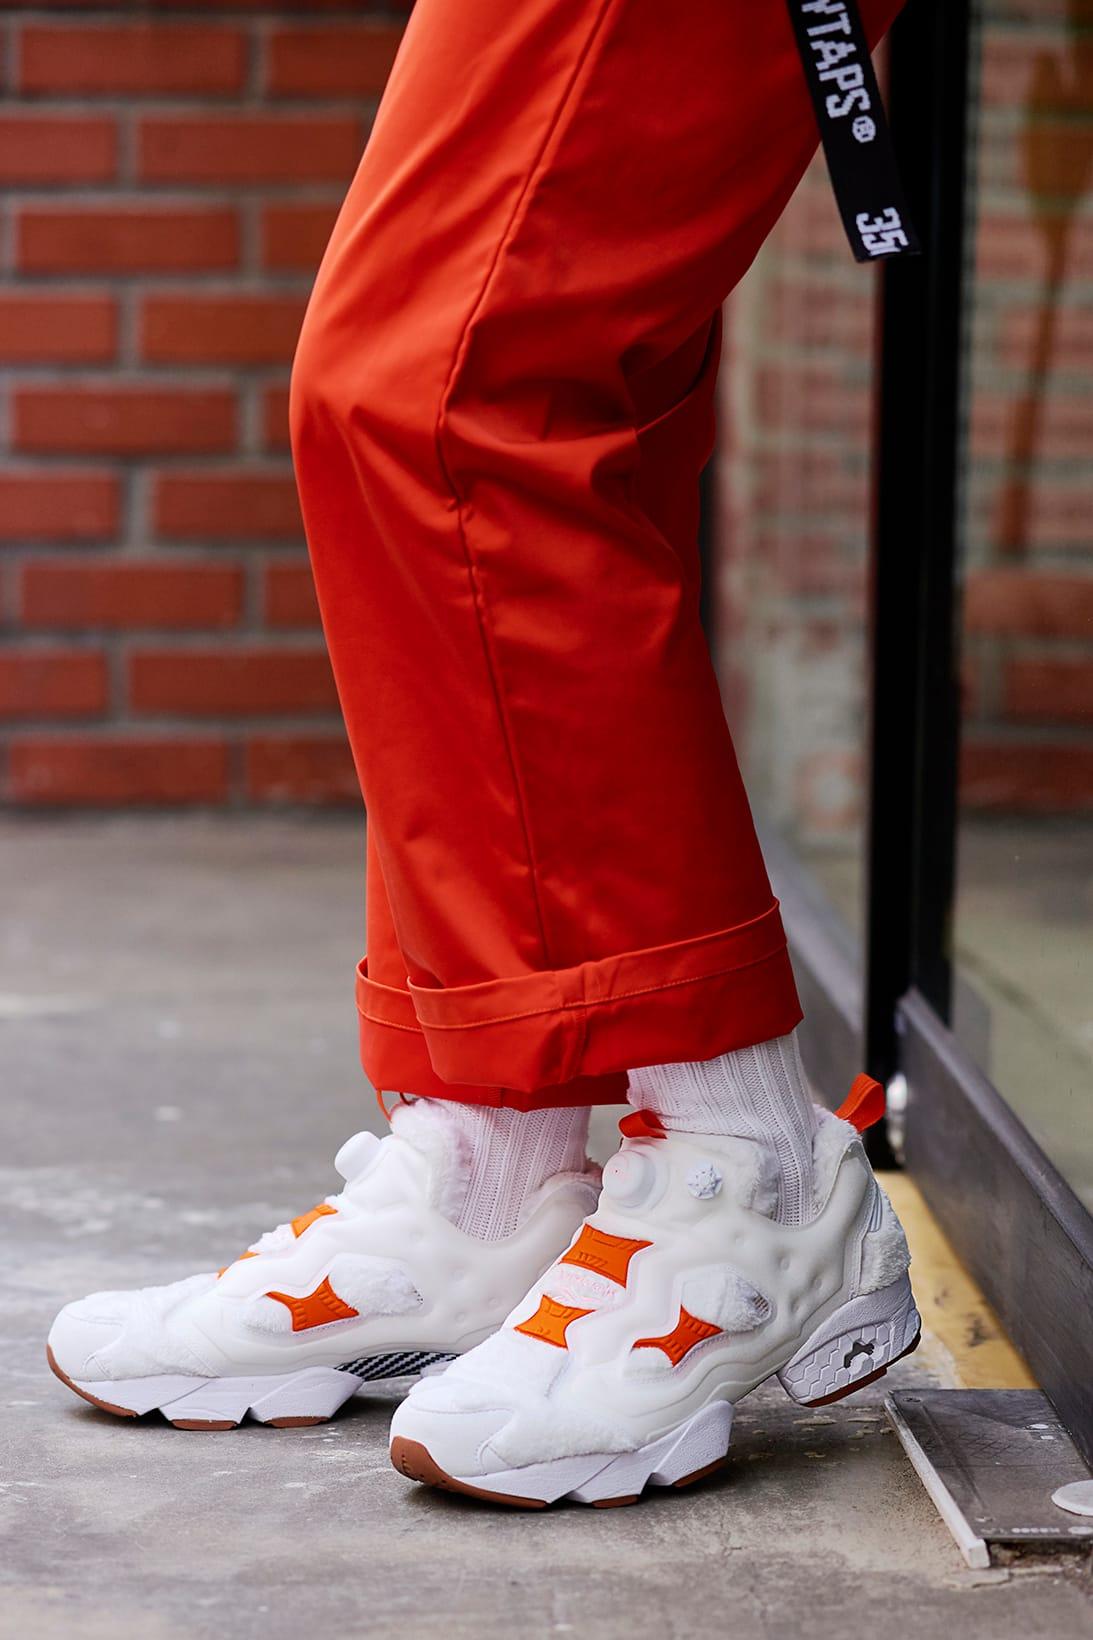 x Reebok Instapump Fury Sneakers